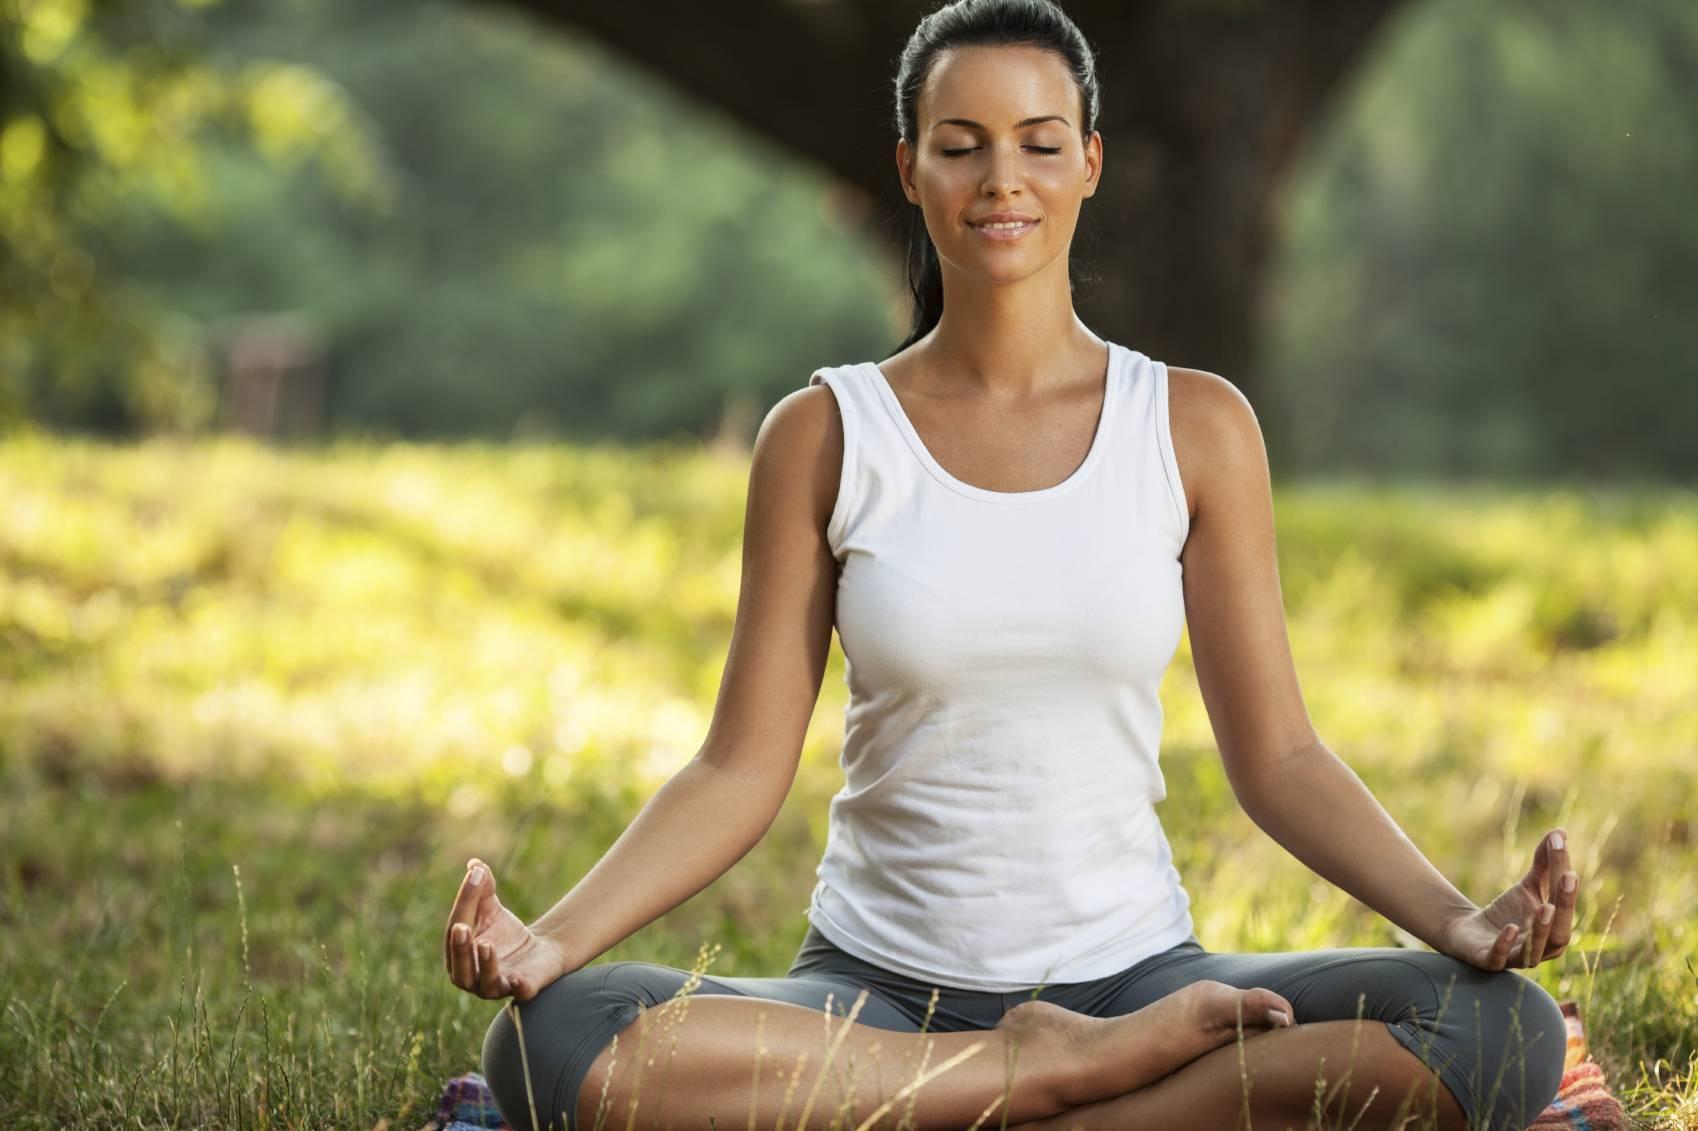 Дыхательная йога для похудения: капалабхати пранаяма